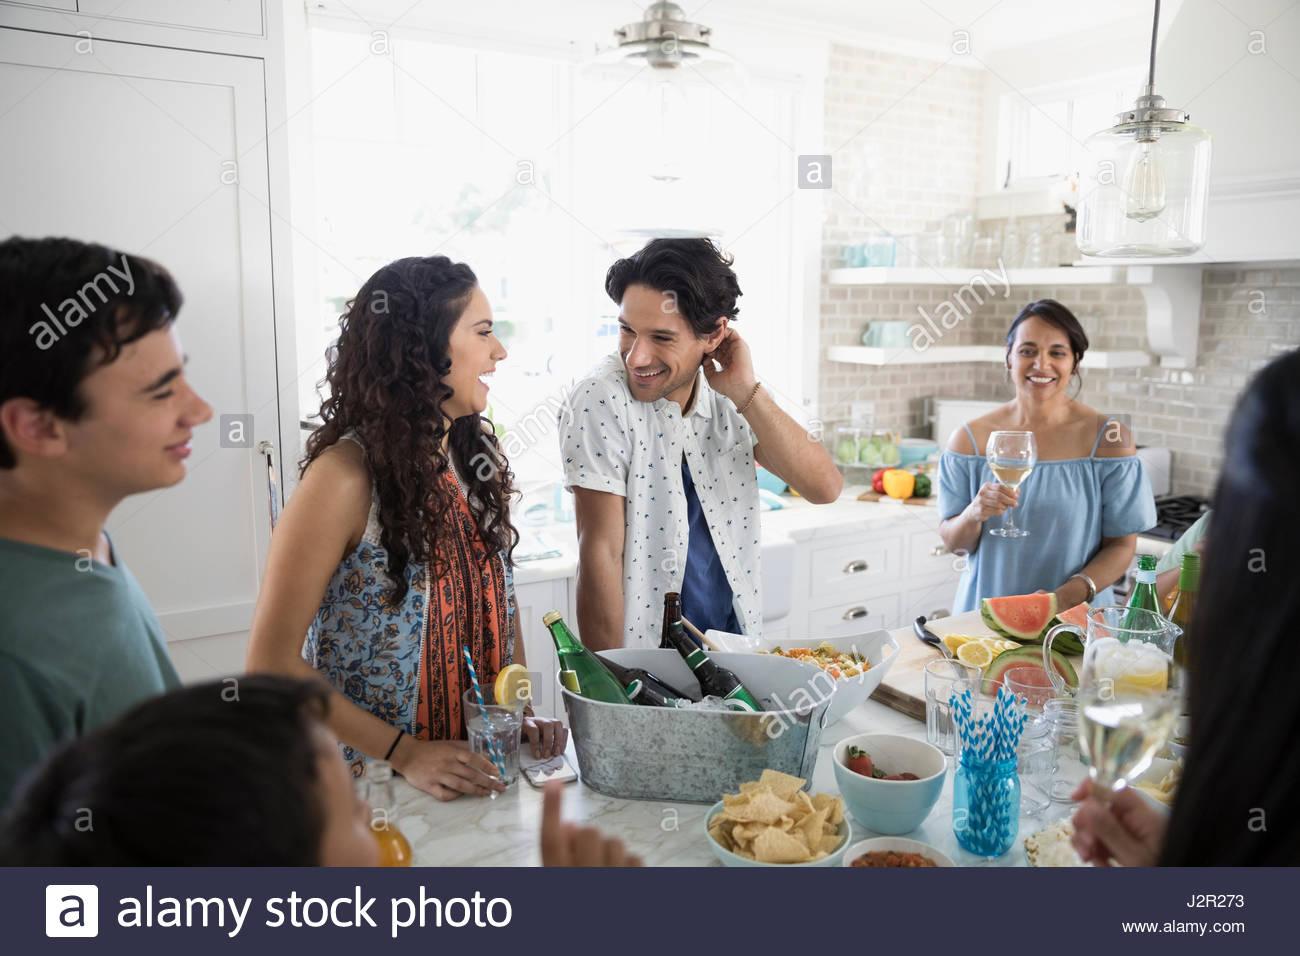 La famille et les amis de boire et manger en cuisine beach house Photo Stock